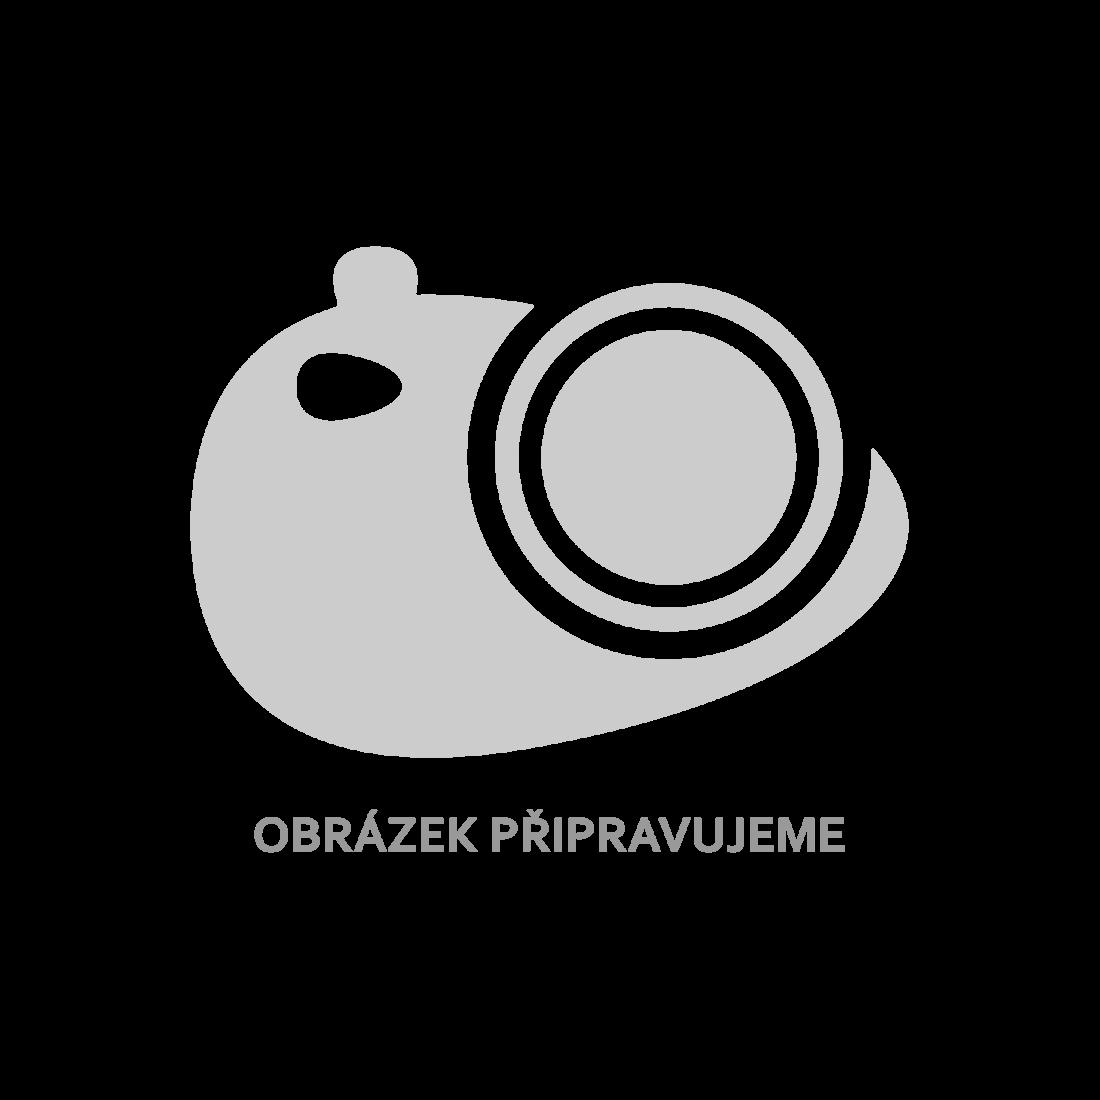 Červená skládací pěnová matrace trojdílná 190 x 70 x 9 cm